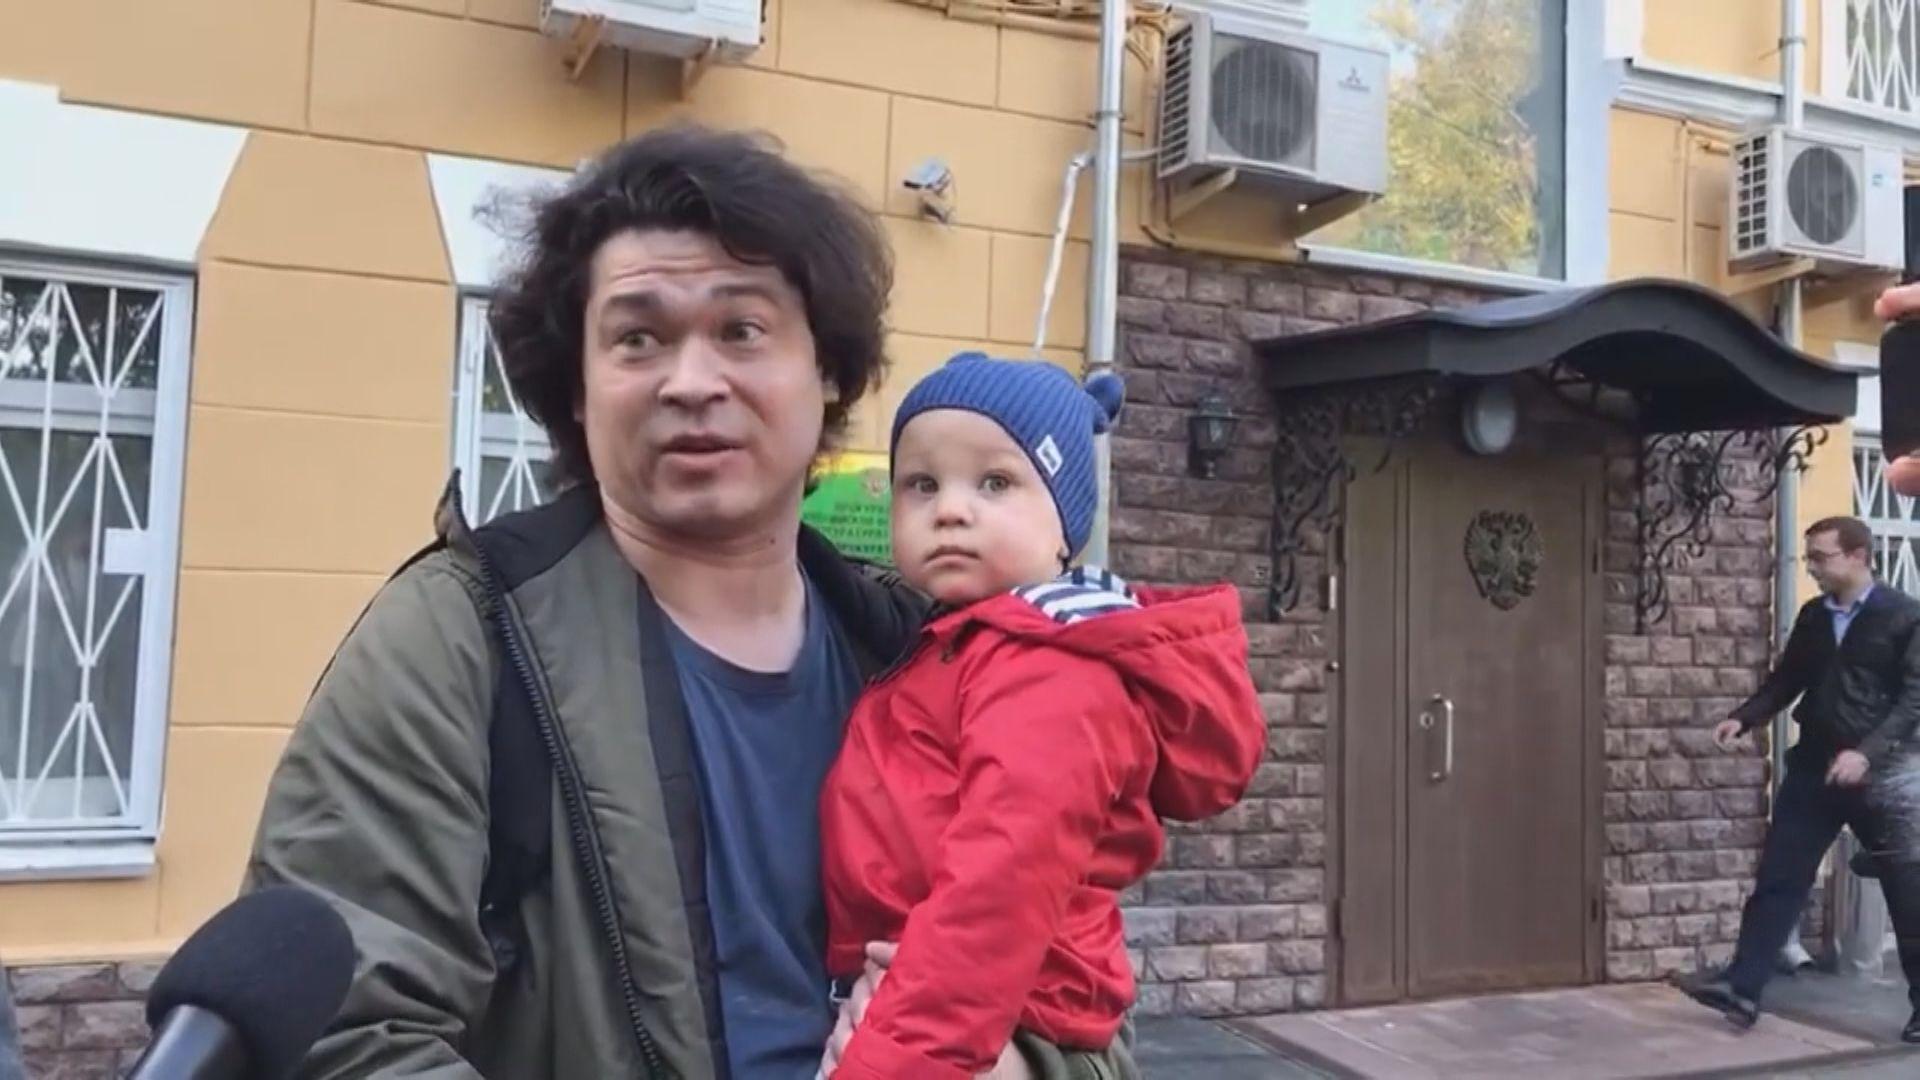 【即日焦點】消息:北京研判須大規模拘捕、加快檢控以嚴刑「平暴止亂」;俄羅斯父母被指帶兒子示威或遭剝奪監護權